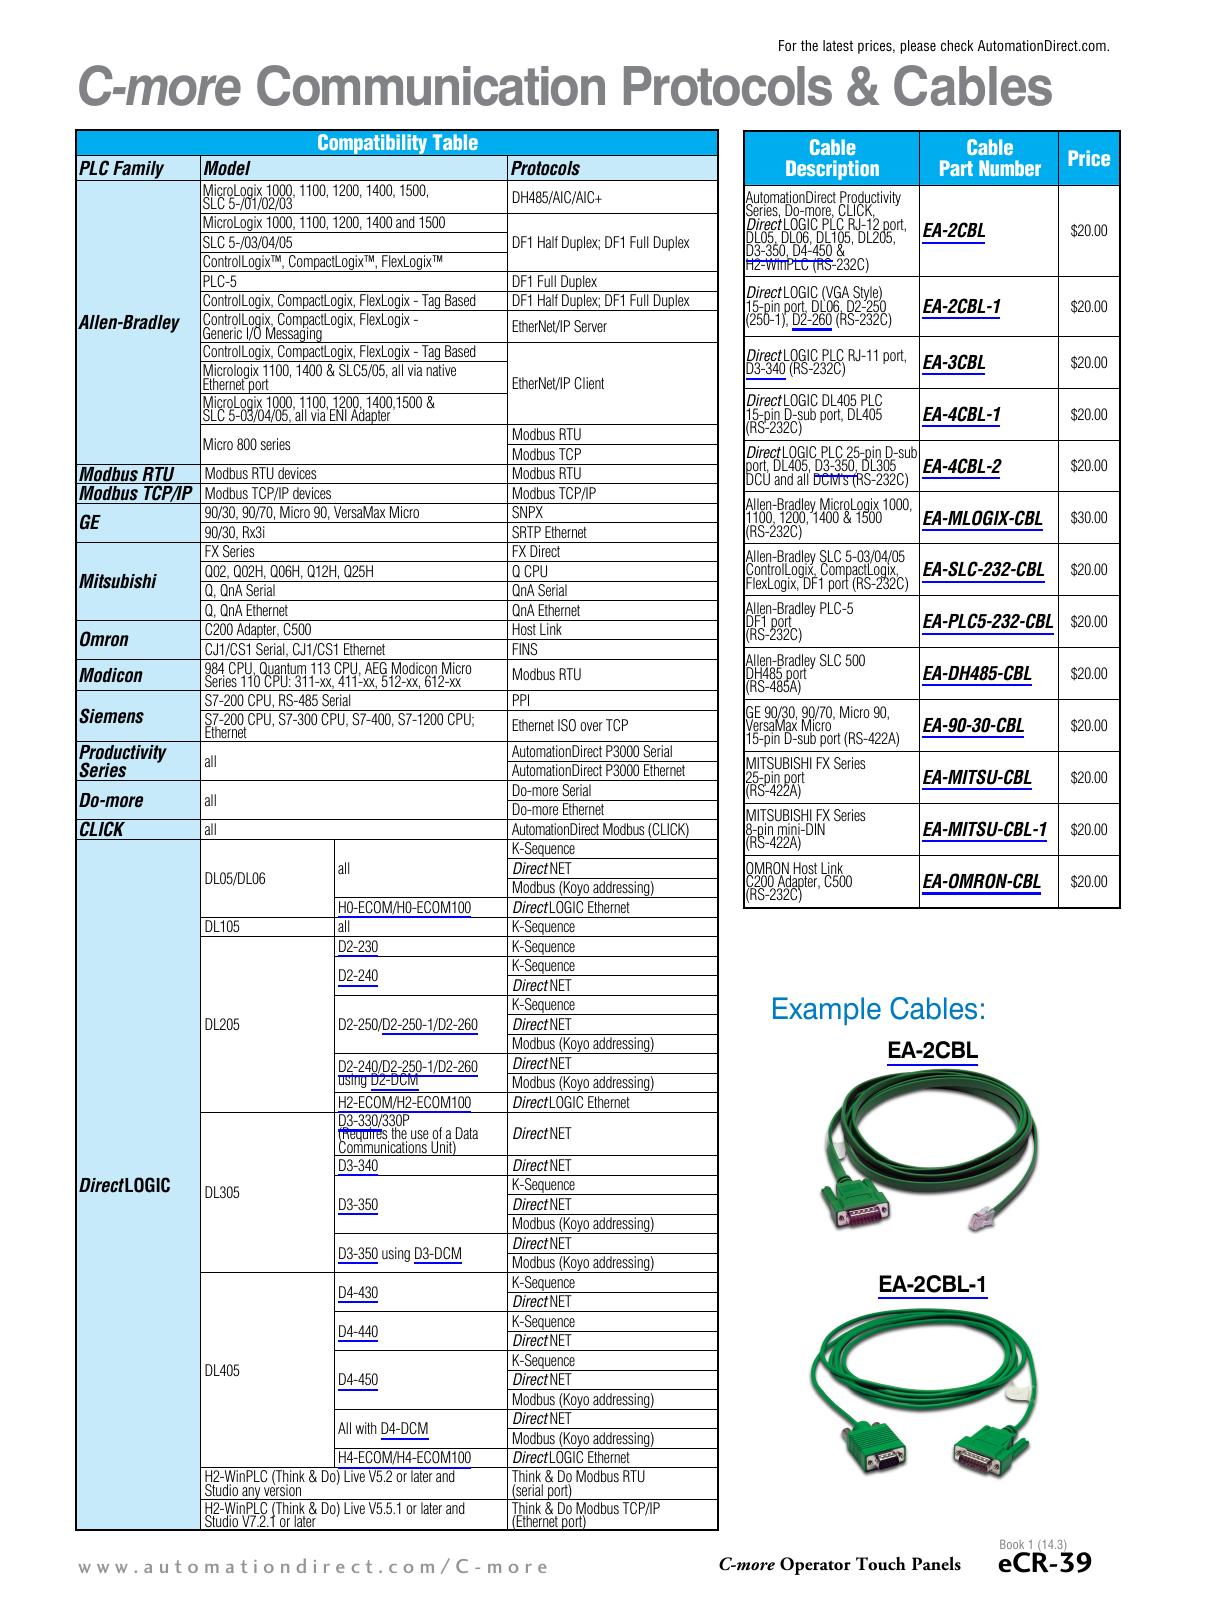 C-more EA9 Series Cables | manualzz com